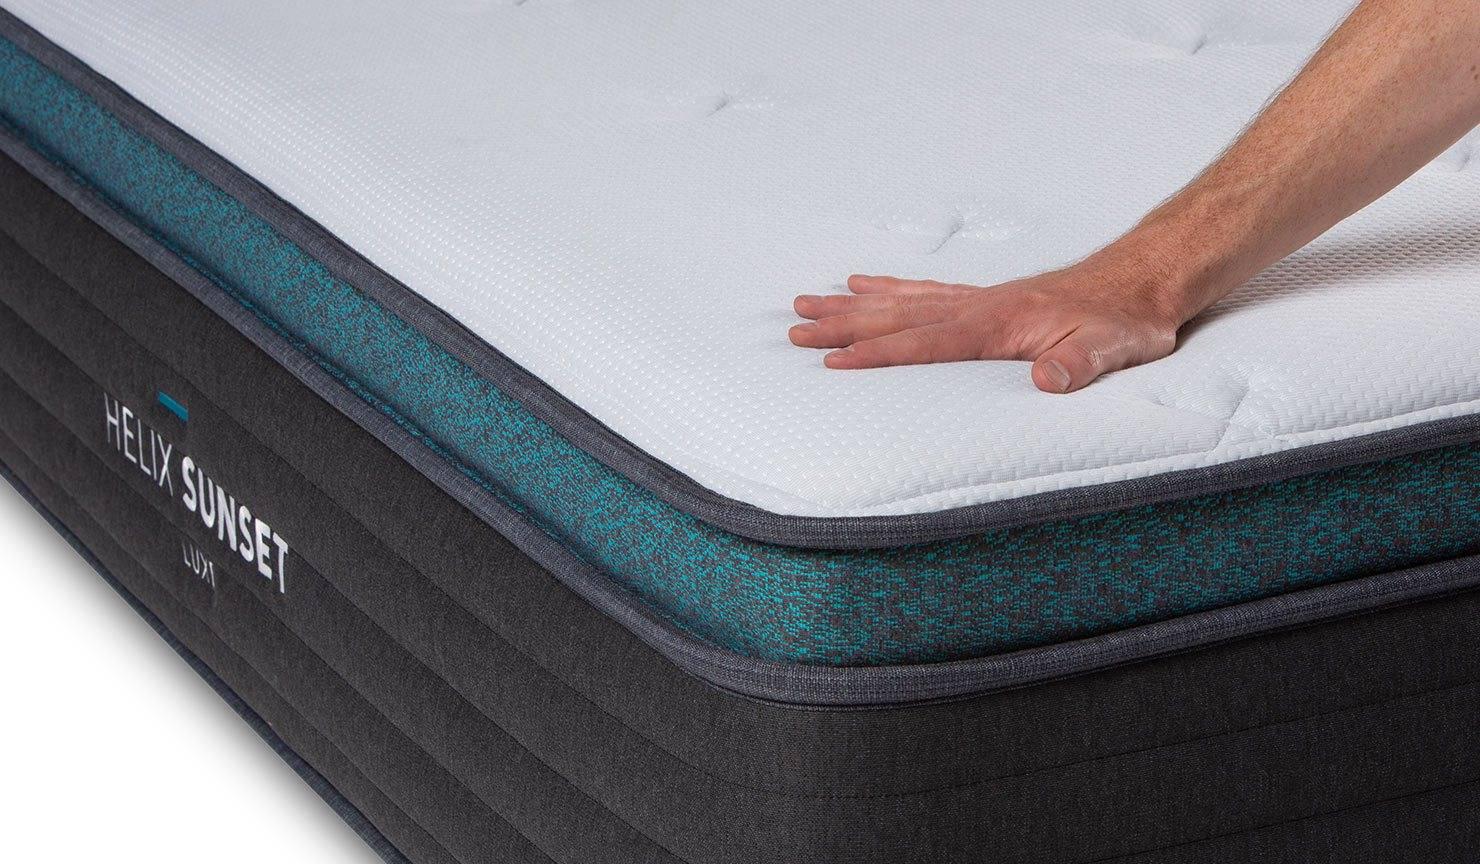 The Helix Luxe Mattress Plush Pillow Top